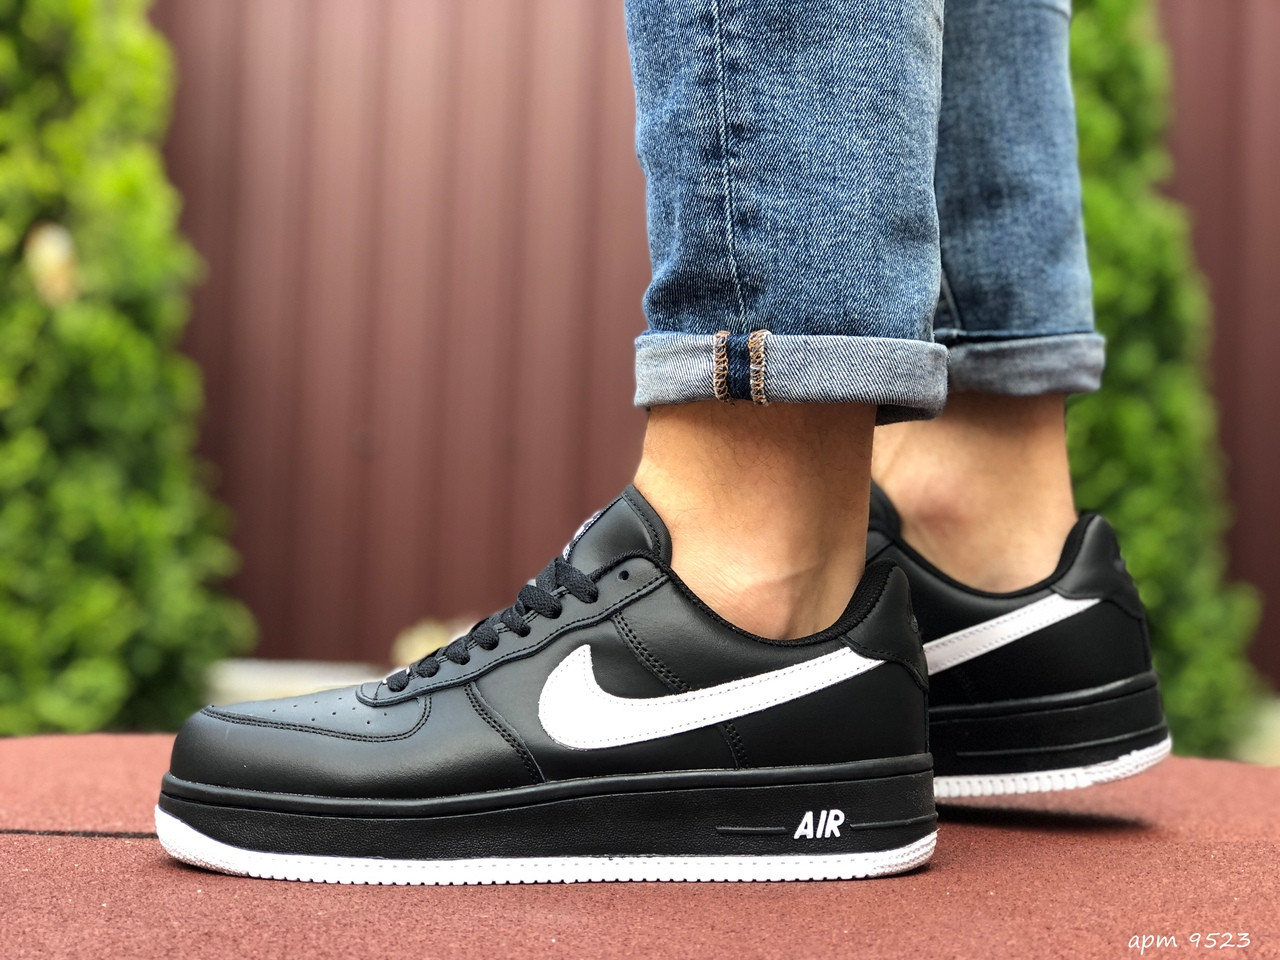 Чоловічі кросівки Nike Air Force (чорно-білі) 9523